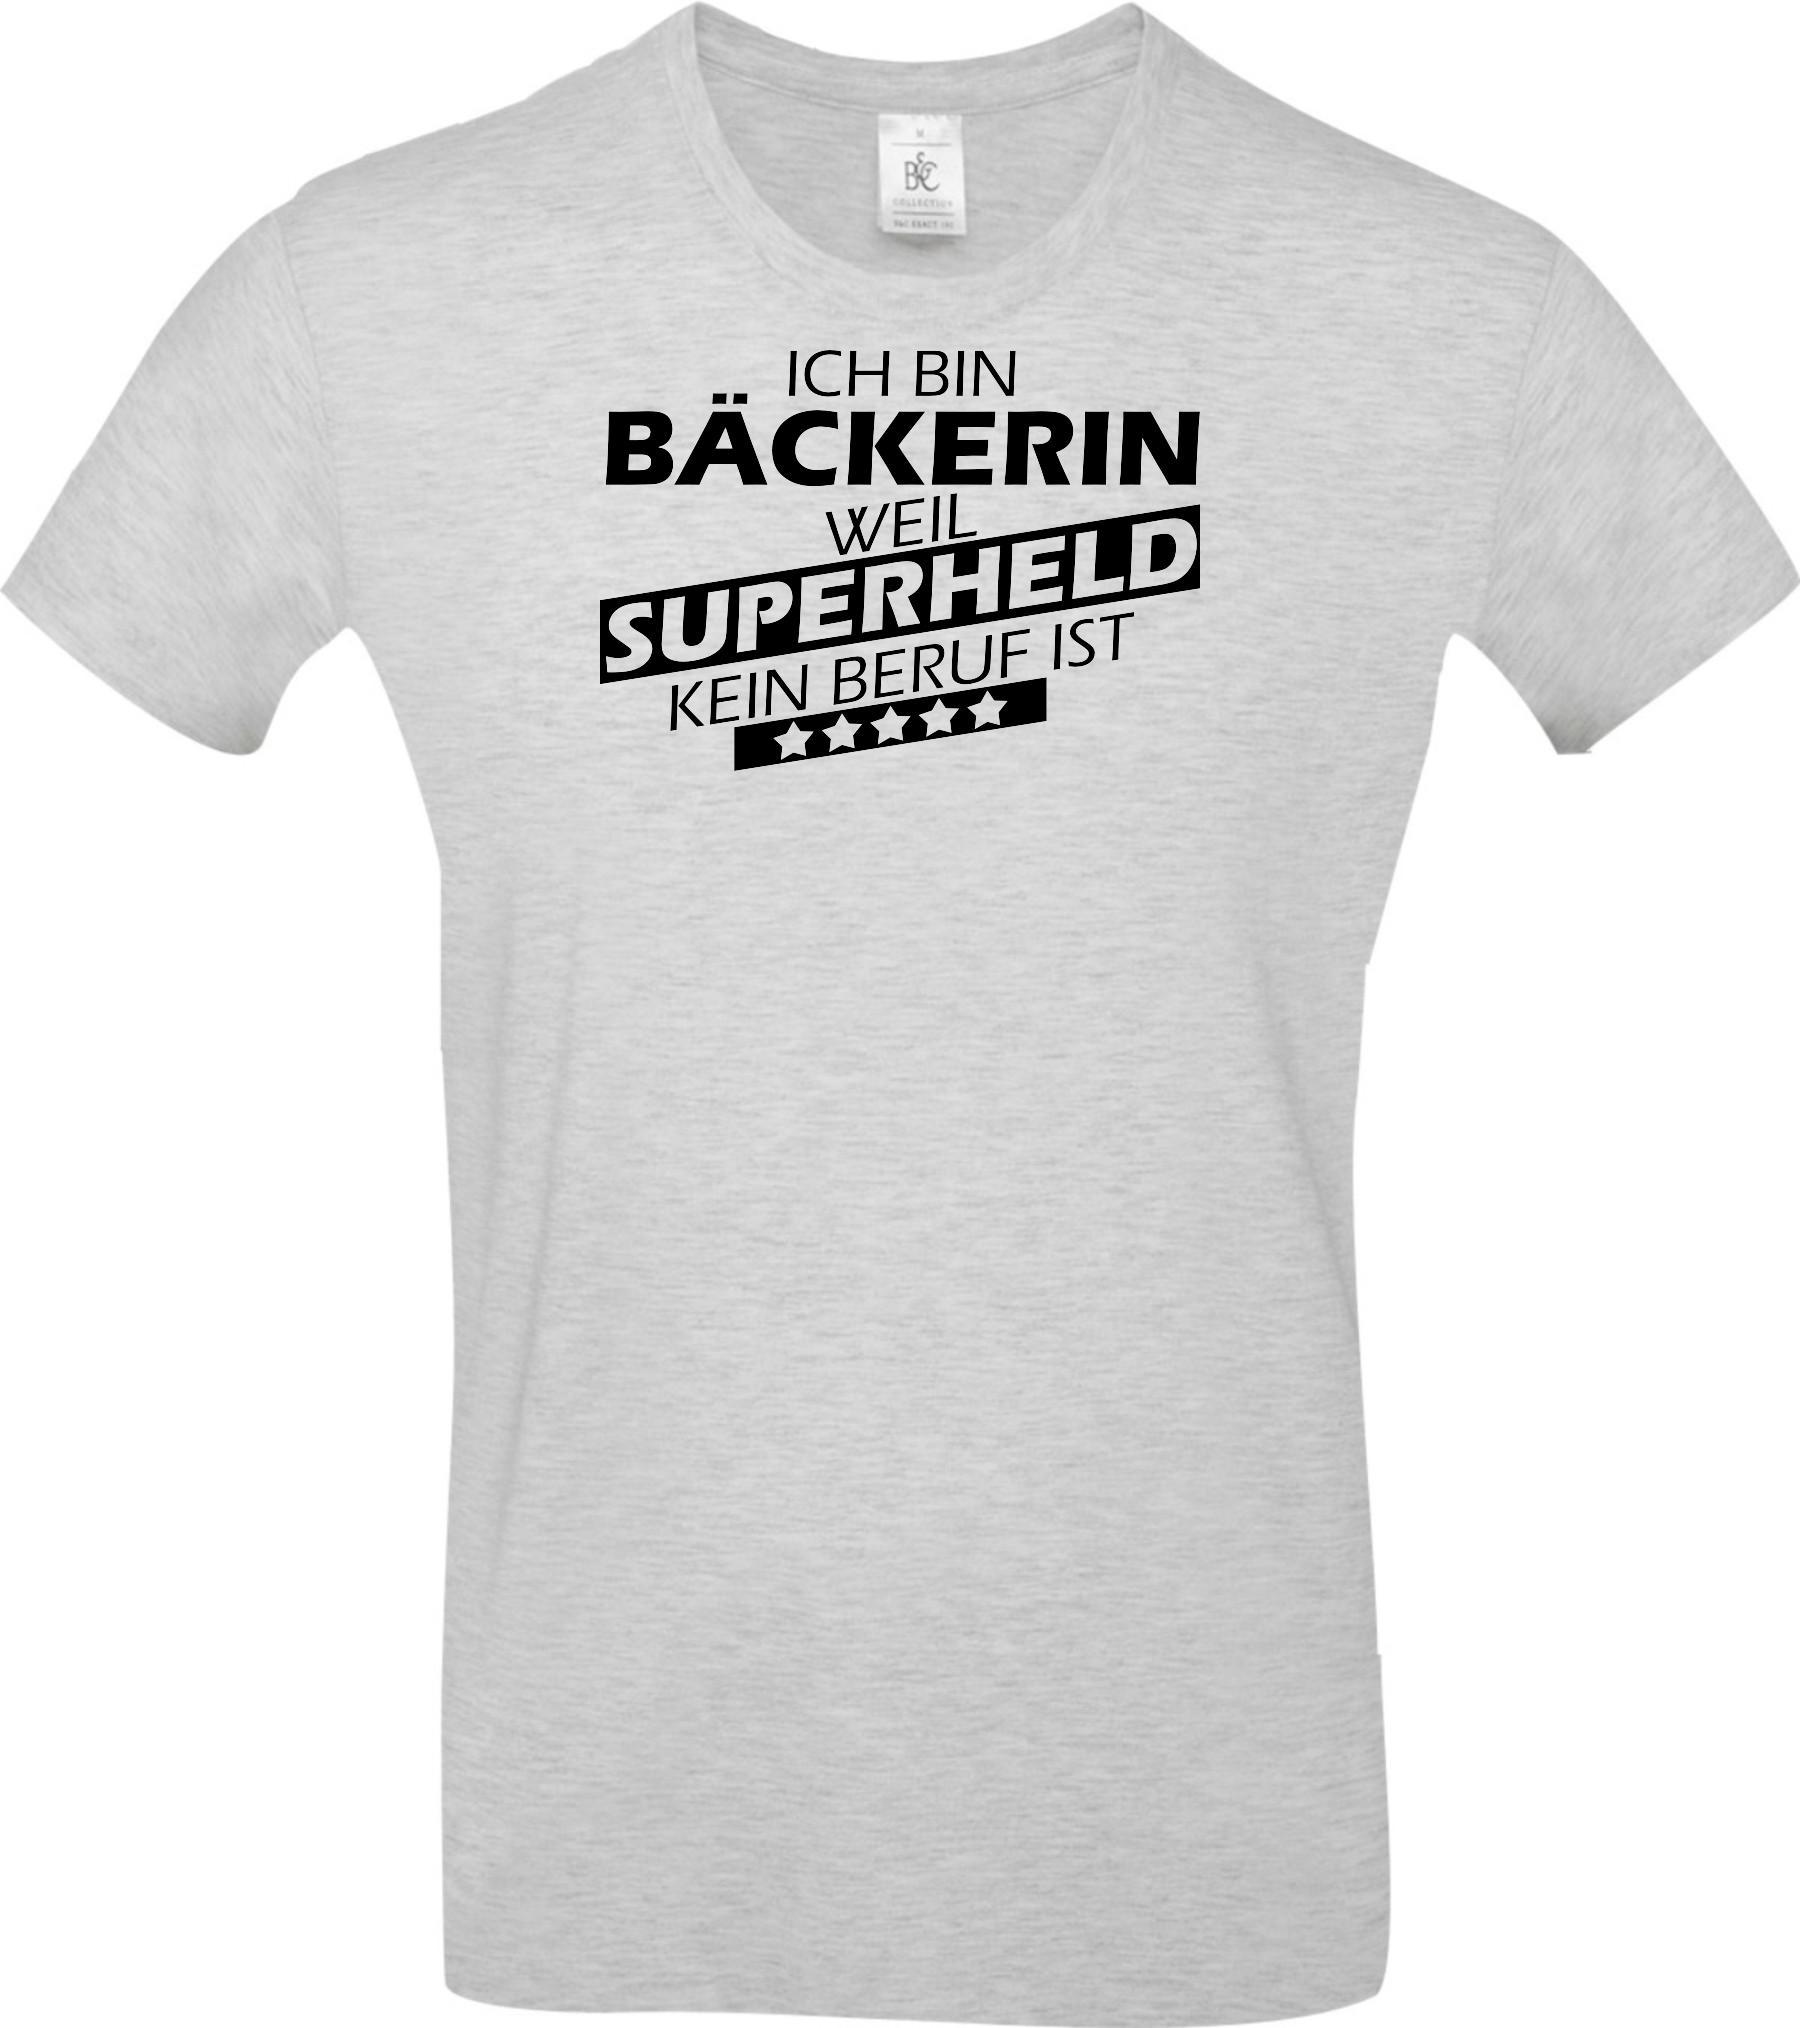 Maenner-Shirt-Ich-bin-Baeckerin-weil-Superheld-kein-Beruf-ist